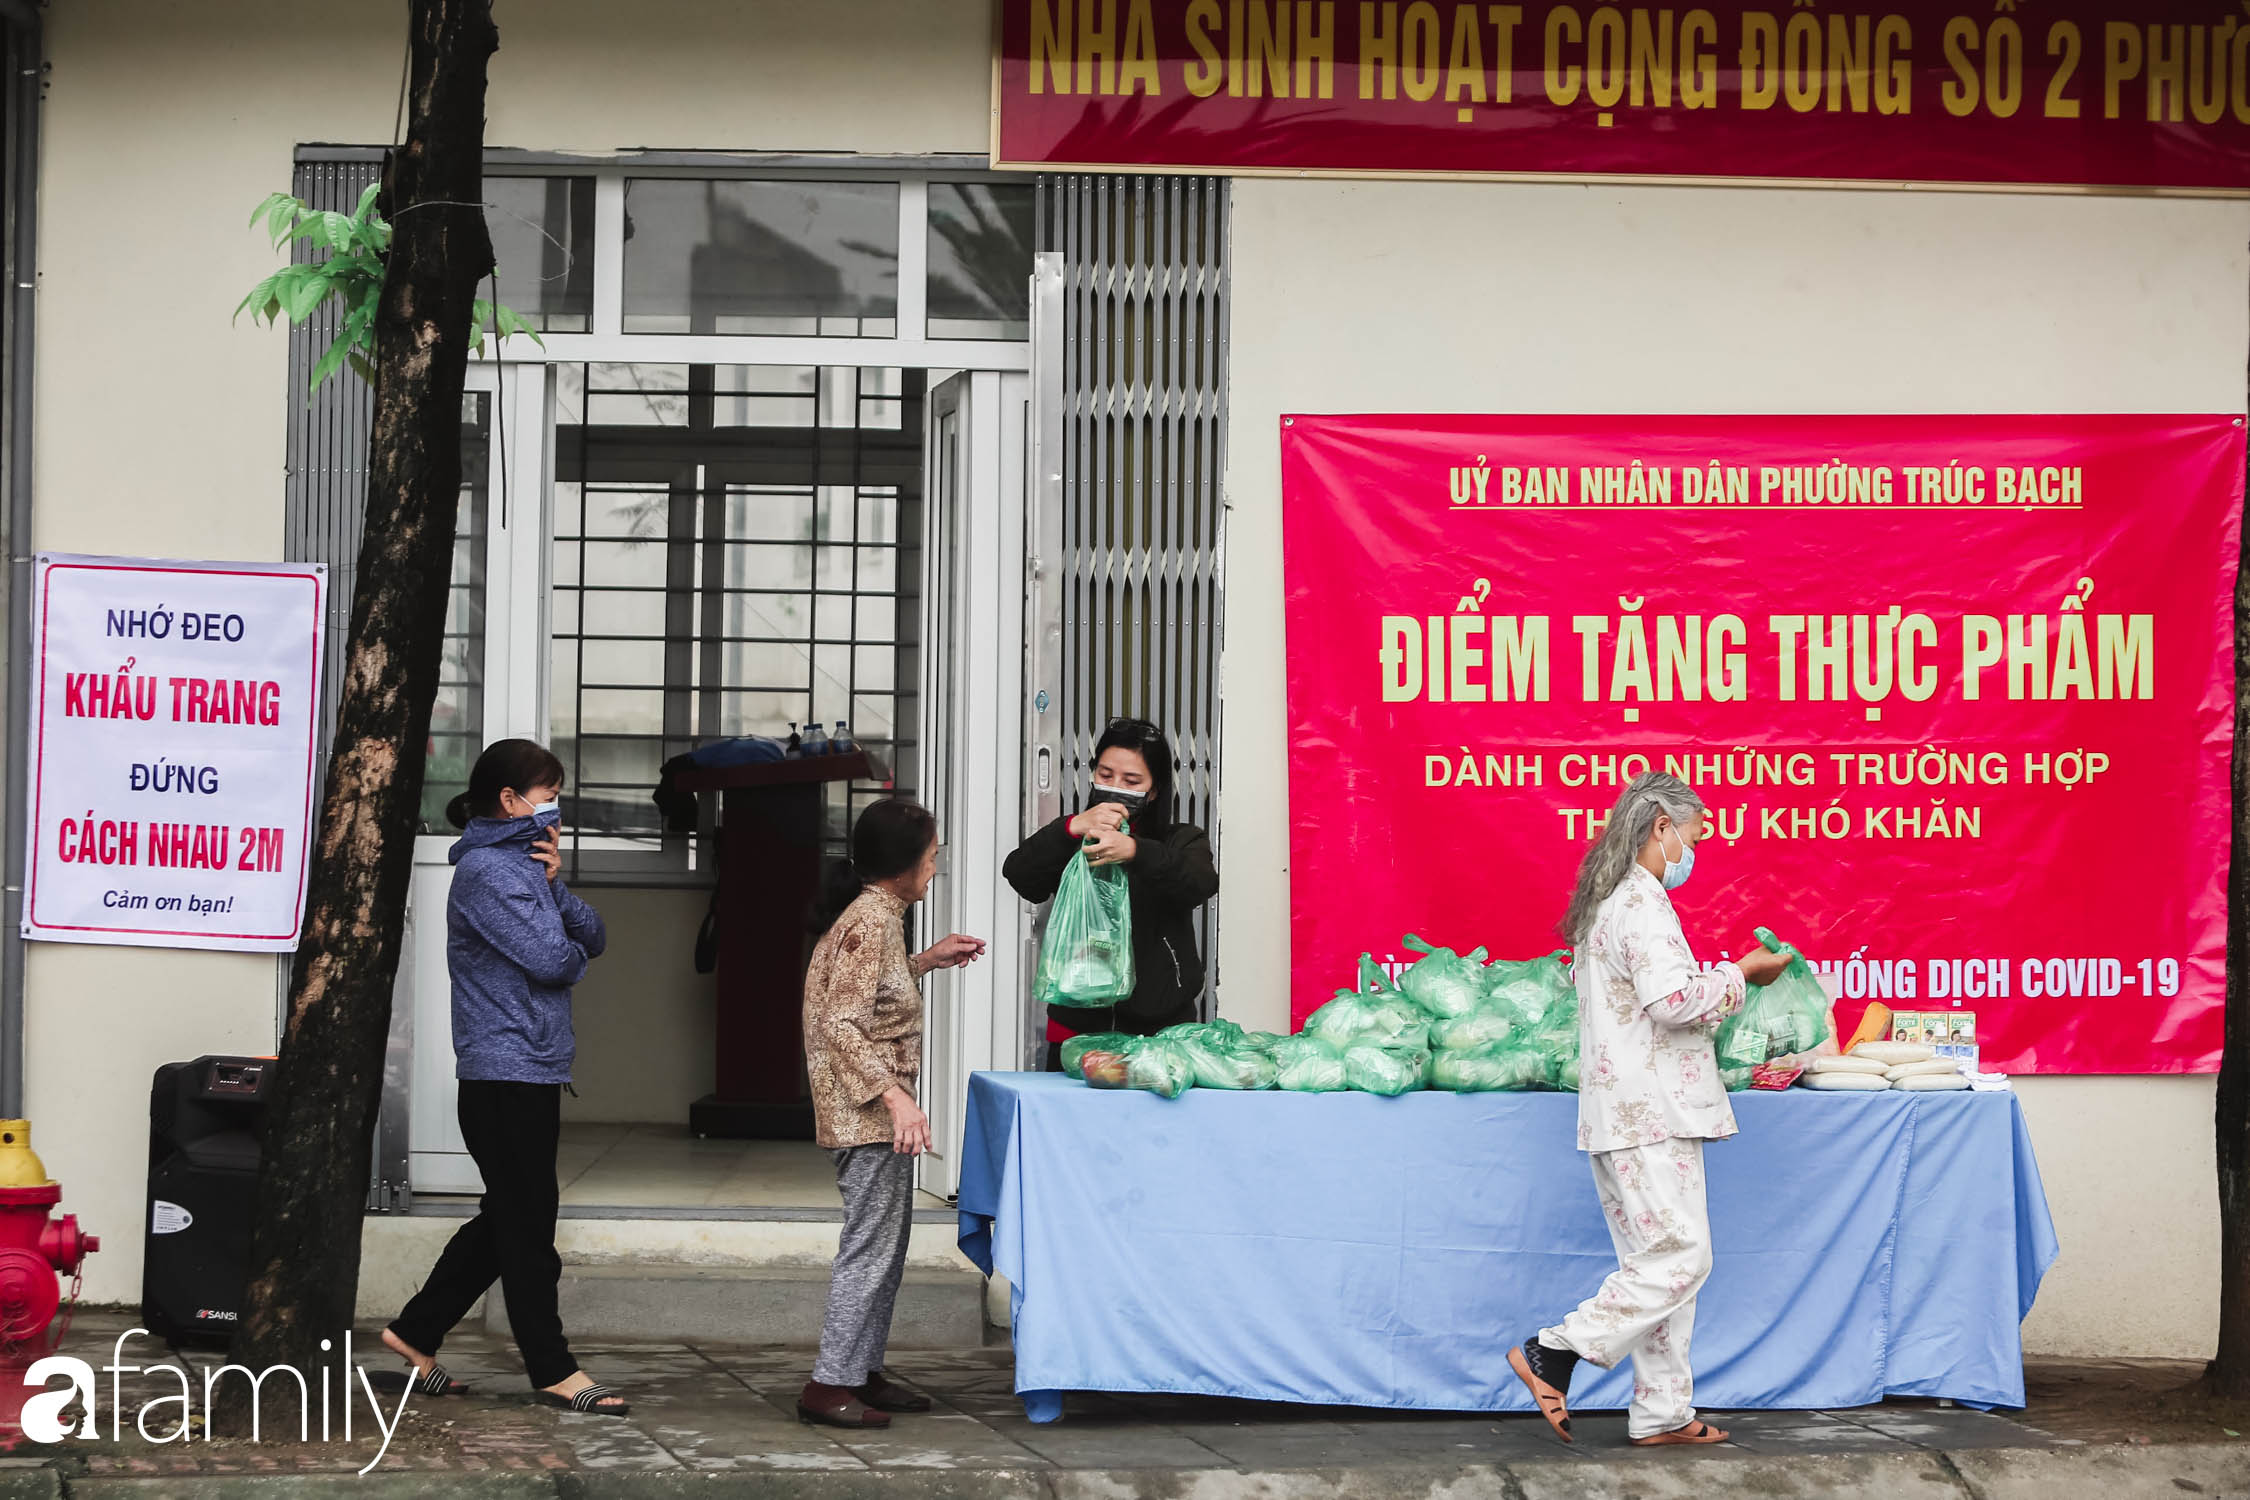 Những ngày cách ly chống dịch: Nhiều điểm phát lương thực mở ra như món quà vô giá với sinh viên nghèo, lao động thất nghiệp cố bám trụ lại Thủ đô - Ảnh 1.